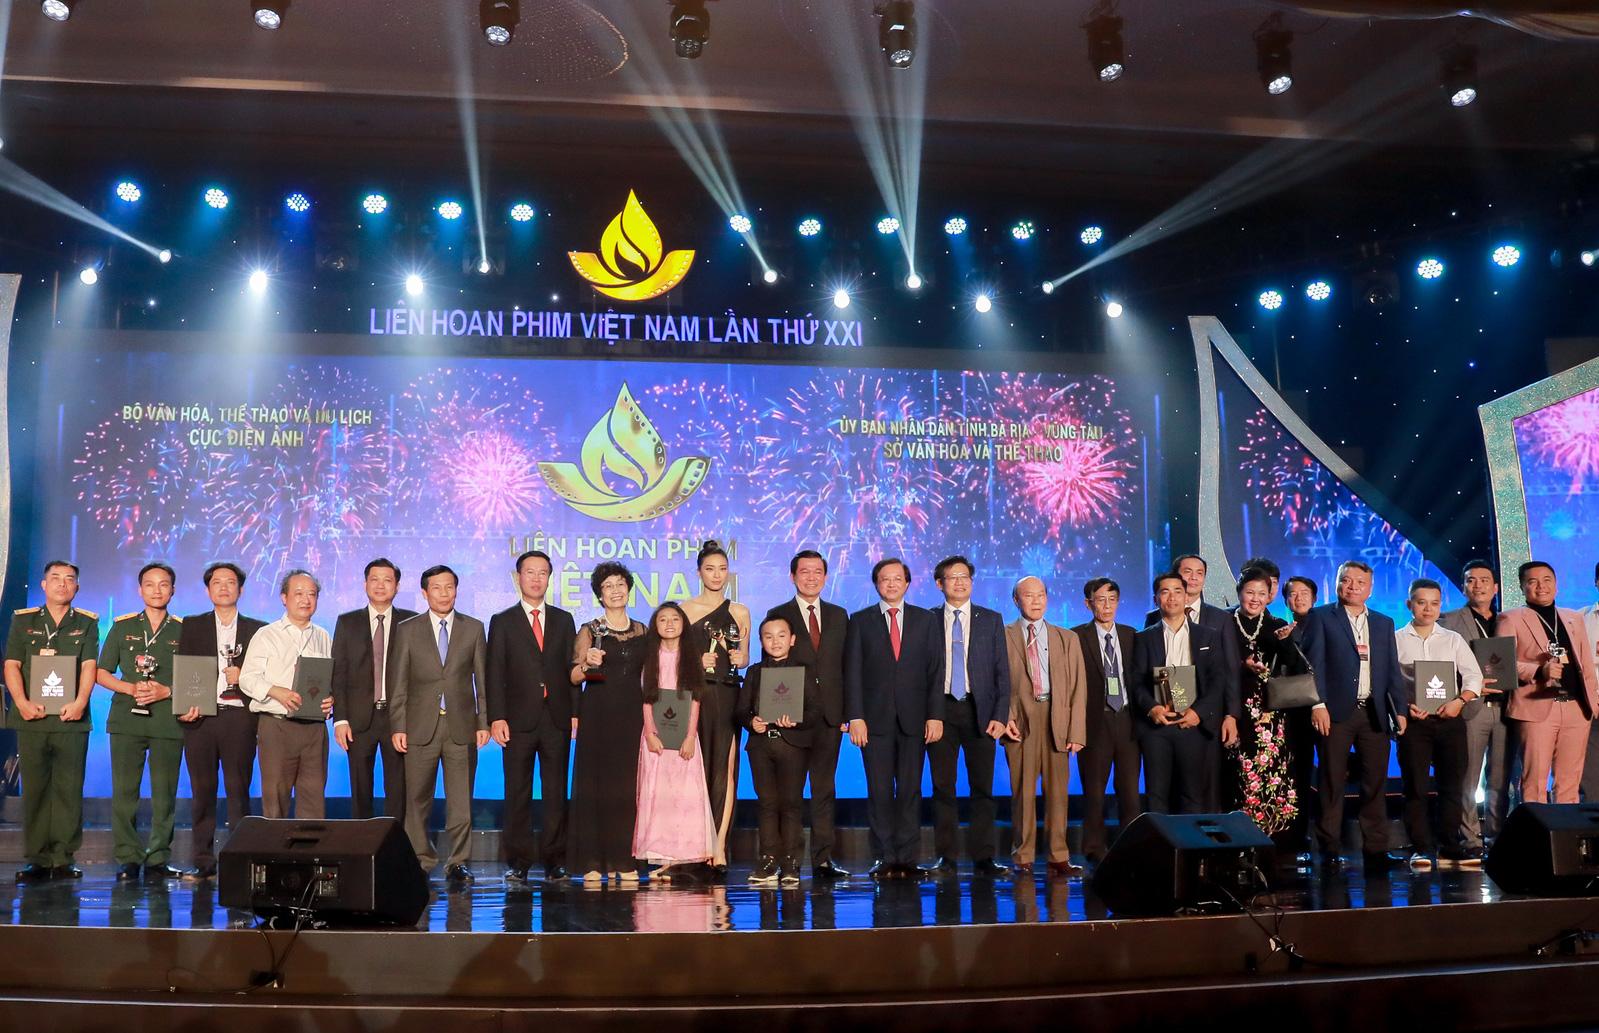 Xây dựng Liên hoan Phim Việt Nam trở thành thương hiệu quốc gia